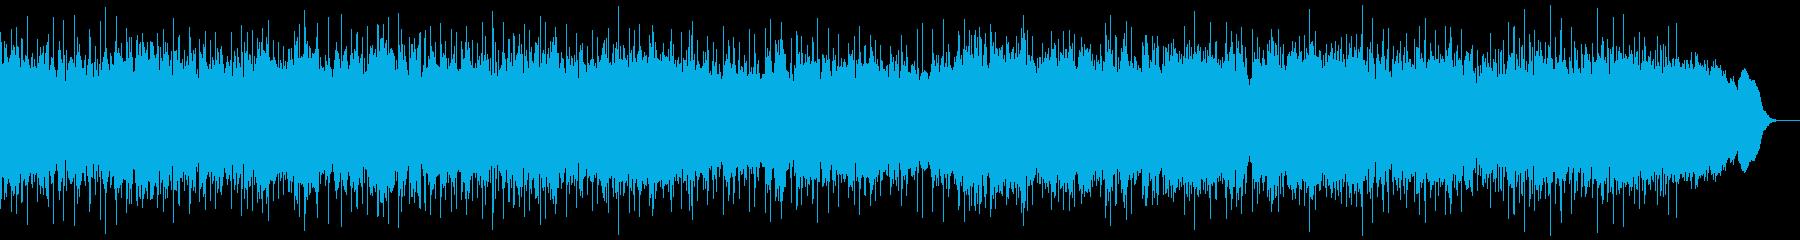 ダークで重厚 重量感のあるメタルインストの再生済みの波形